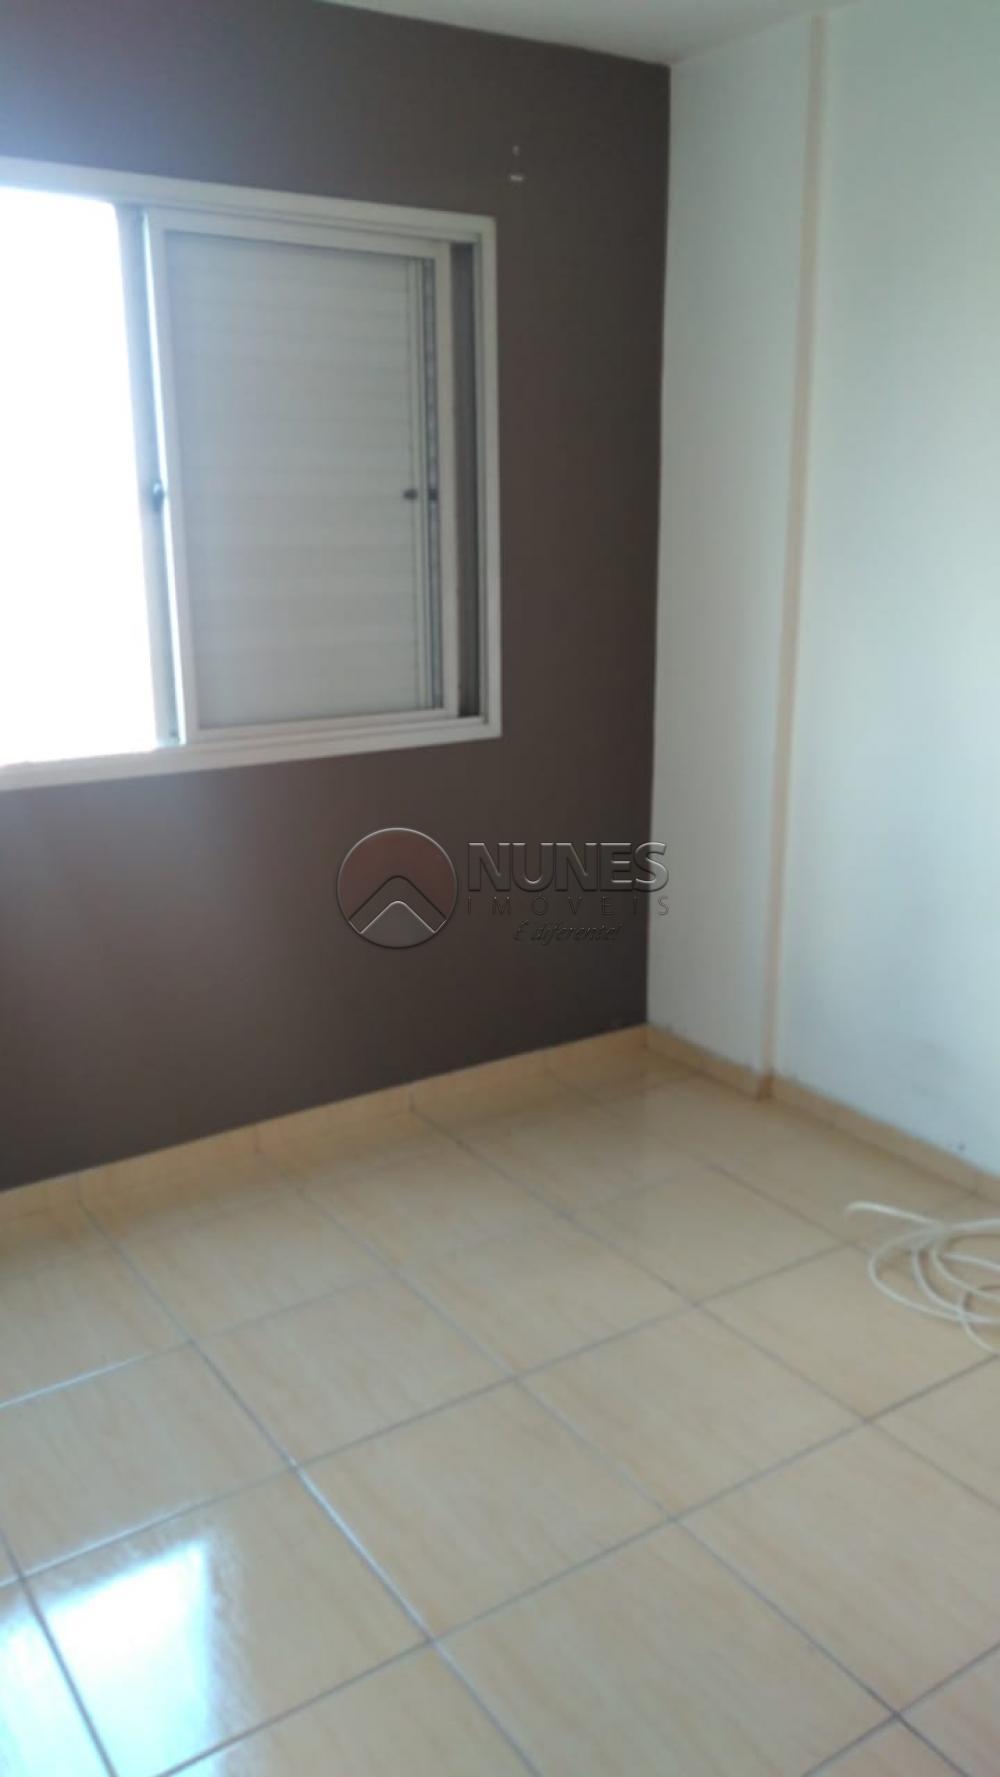 Comprar Apartamento / Padrão em São Paulo apenas R$ 280.000,00 - Foto 13